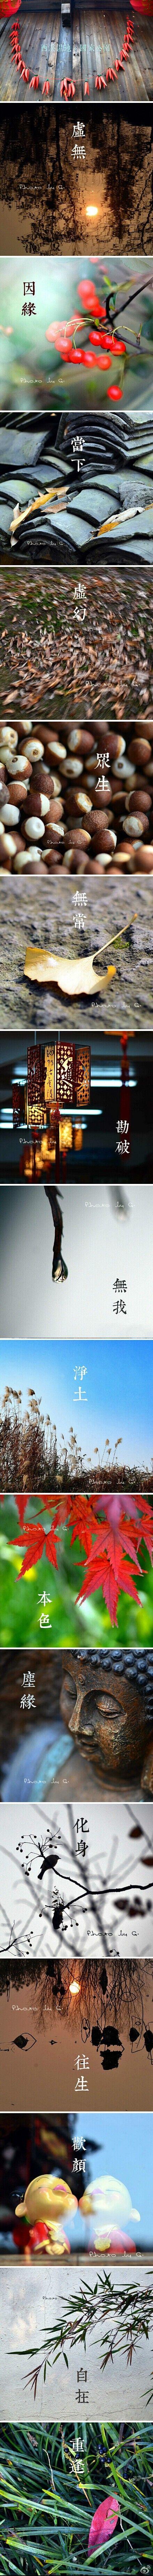 浙江杭州西溪湿地美景